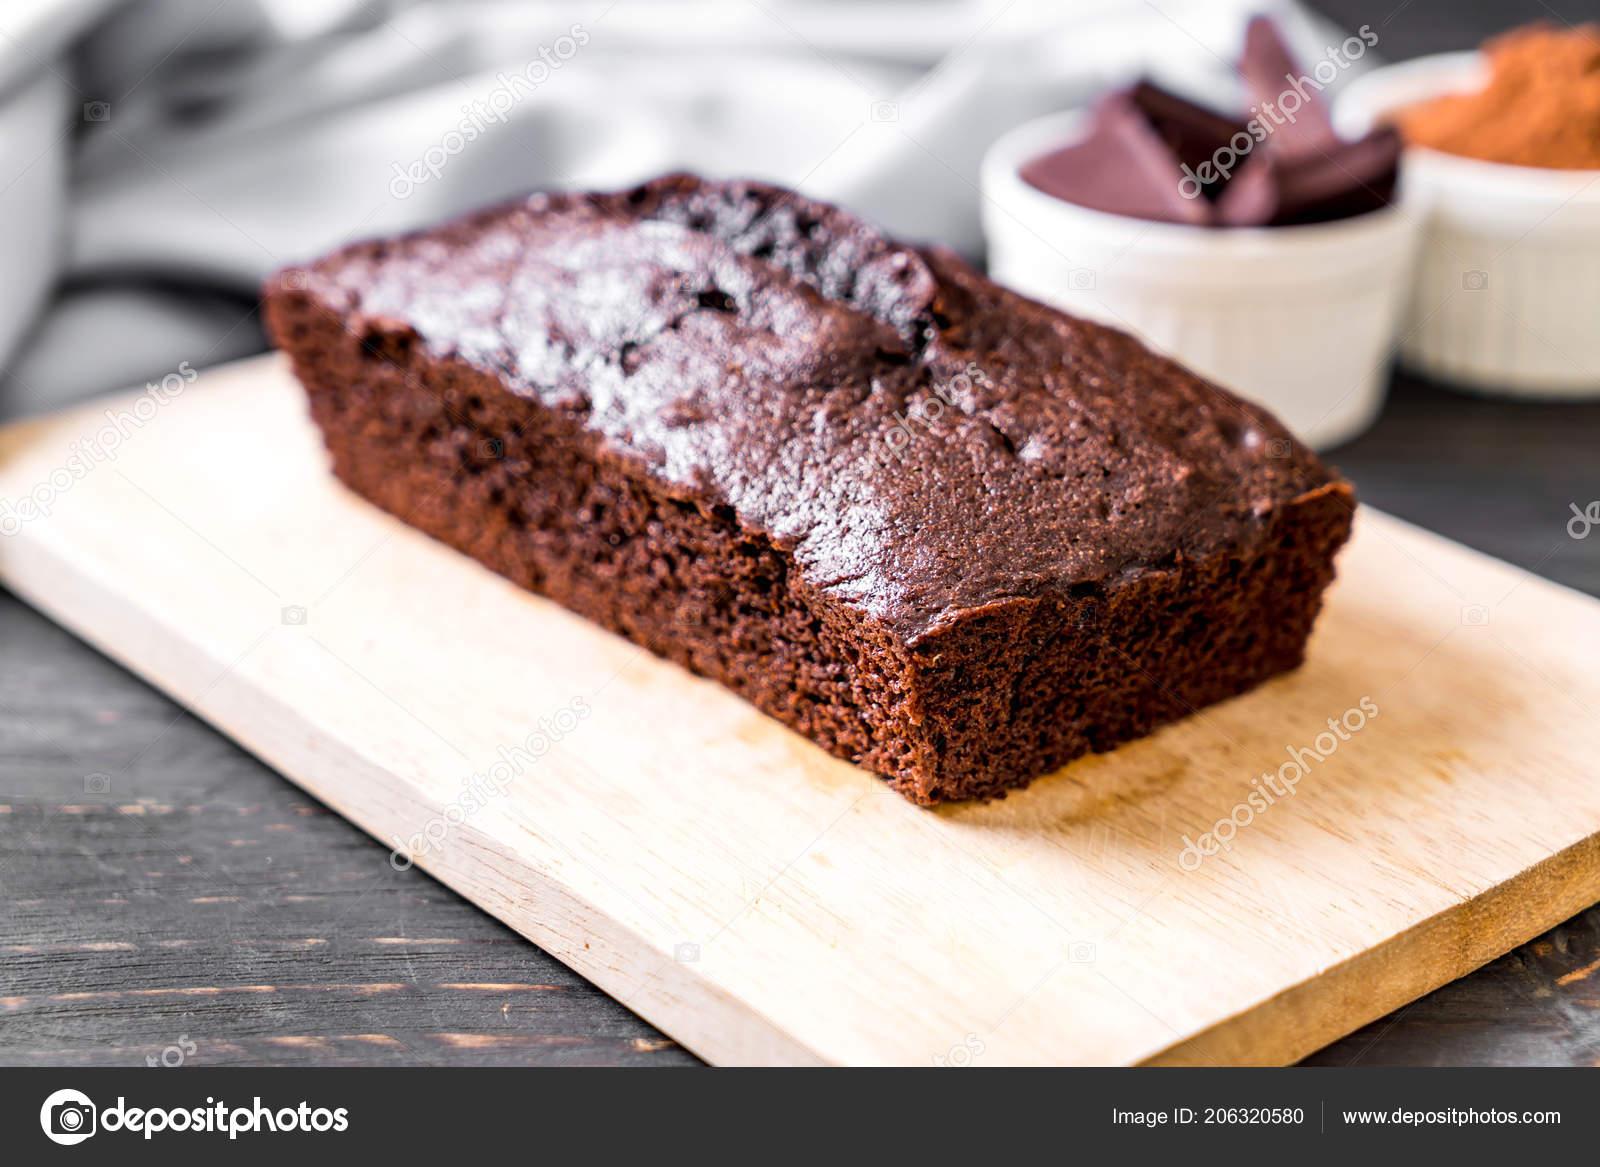 Schokoladen Brownie Kuchen Auf Holz Hintergrund Stockfoto C Topntp